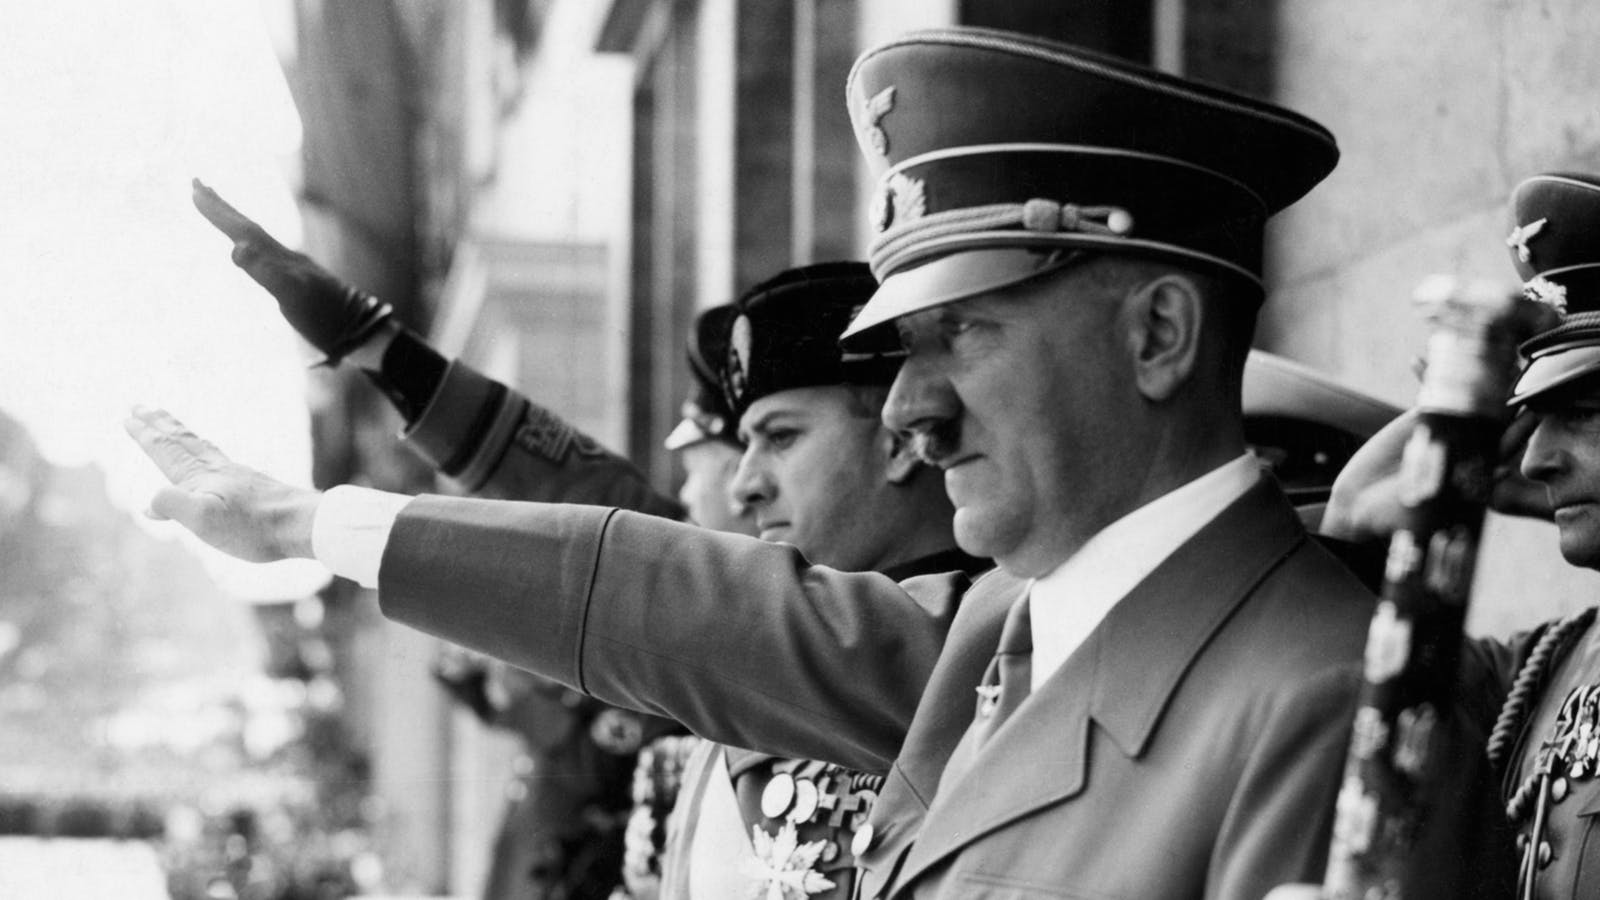 با متد آدولف هیتلر محتوای انگیزشی بسازید!